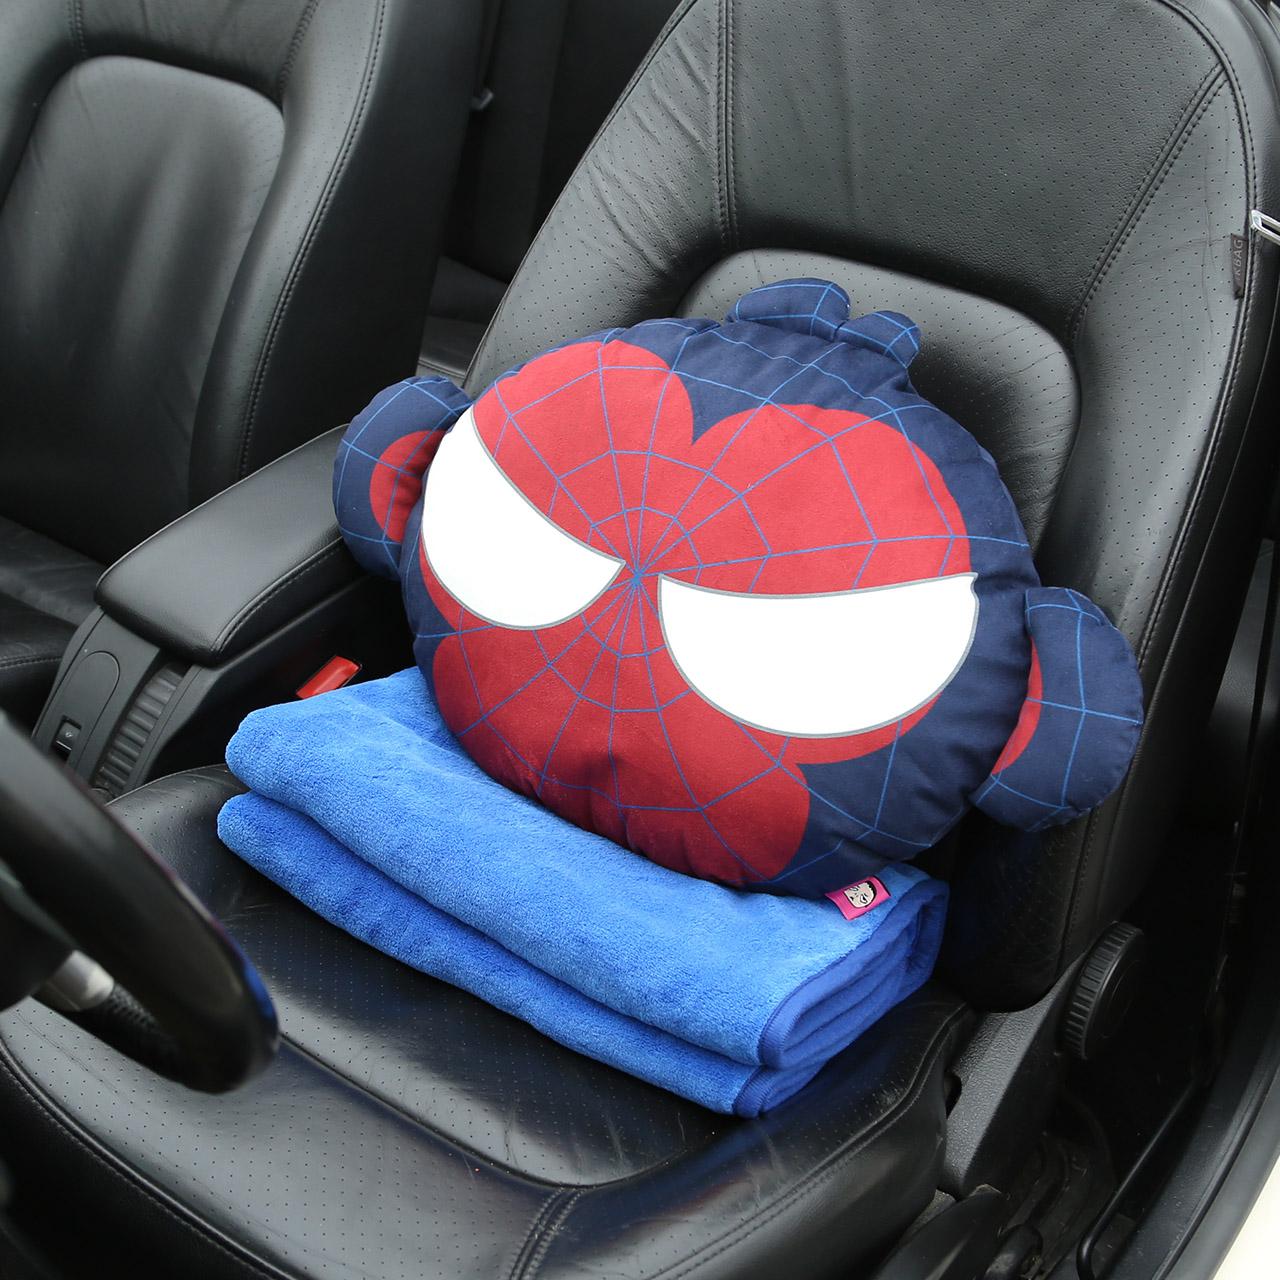 卡裏努努汽車抱枕被加厚毯子原創 車用卡通空調被四季